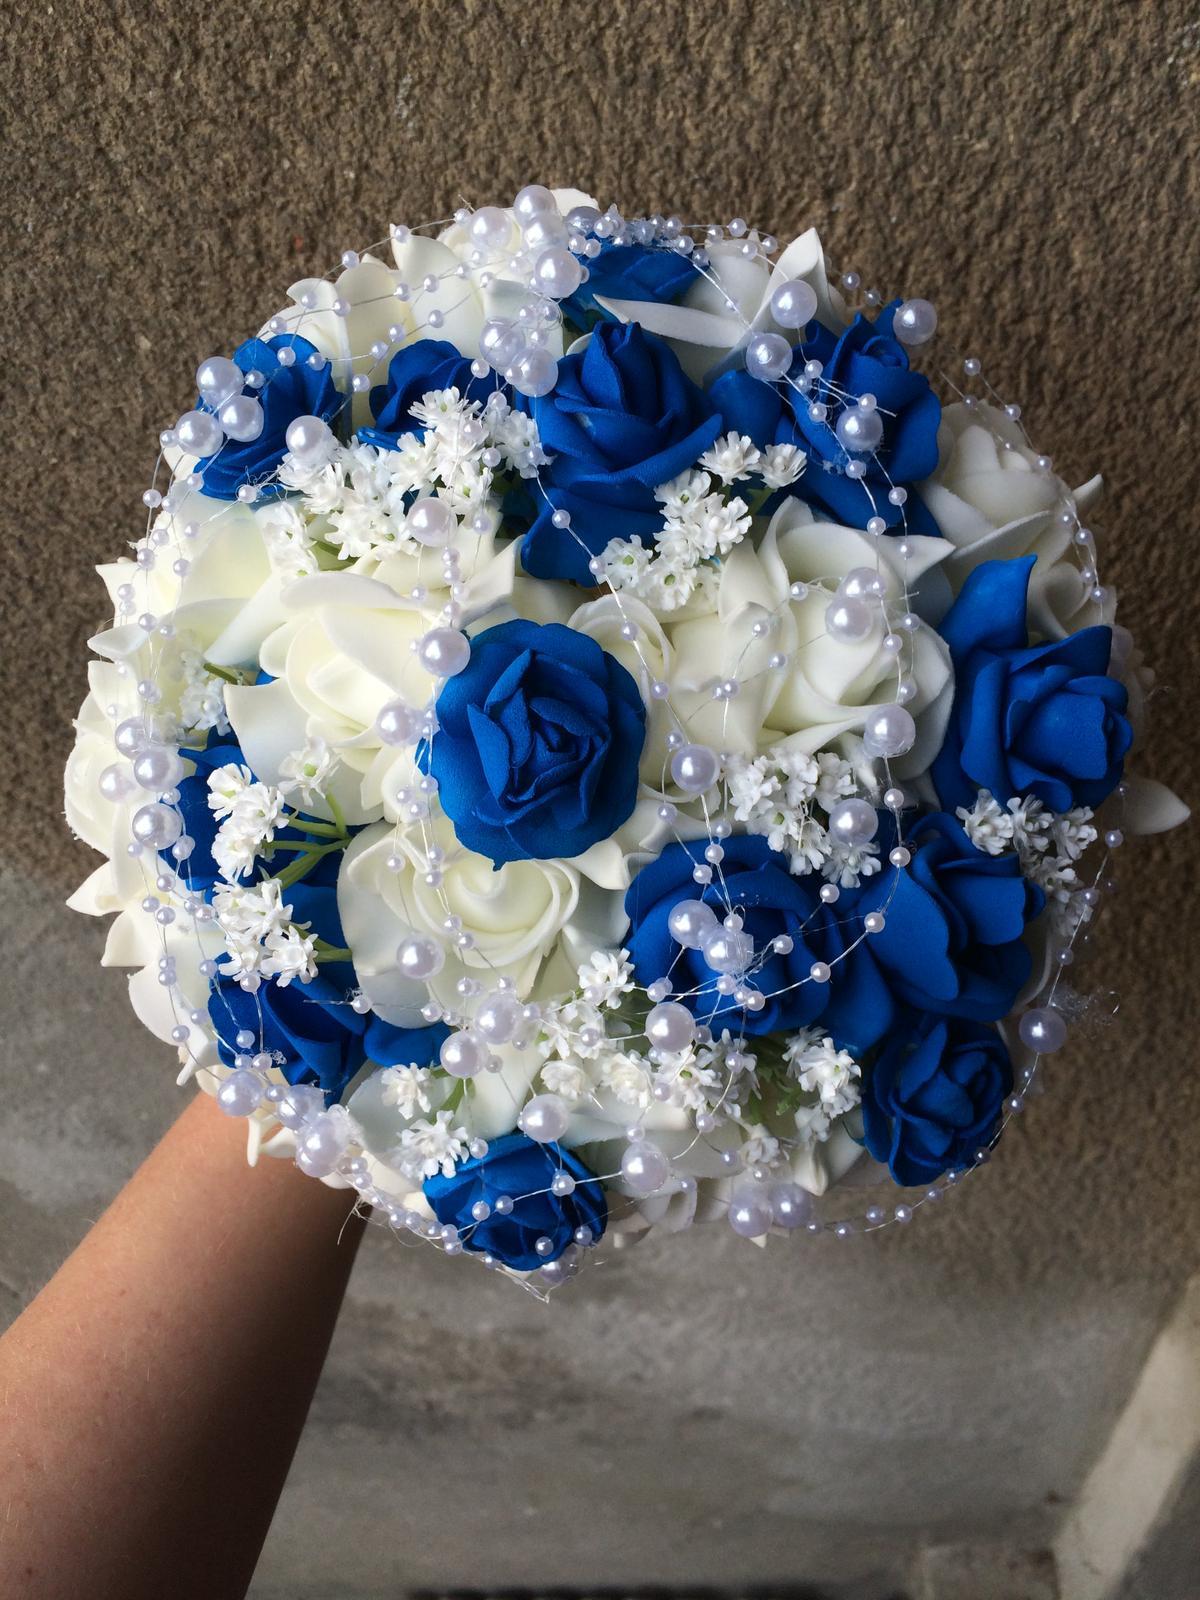 Netradiční svatební kytice - pěnové růžičky + polštářky pod prstýnky, košíčky - Obrázek č. 156